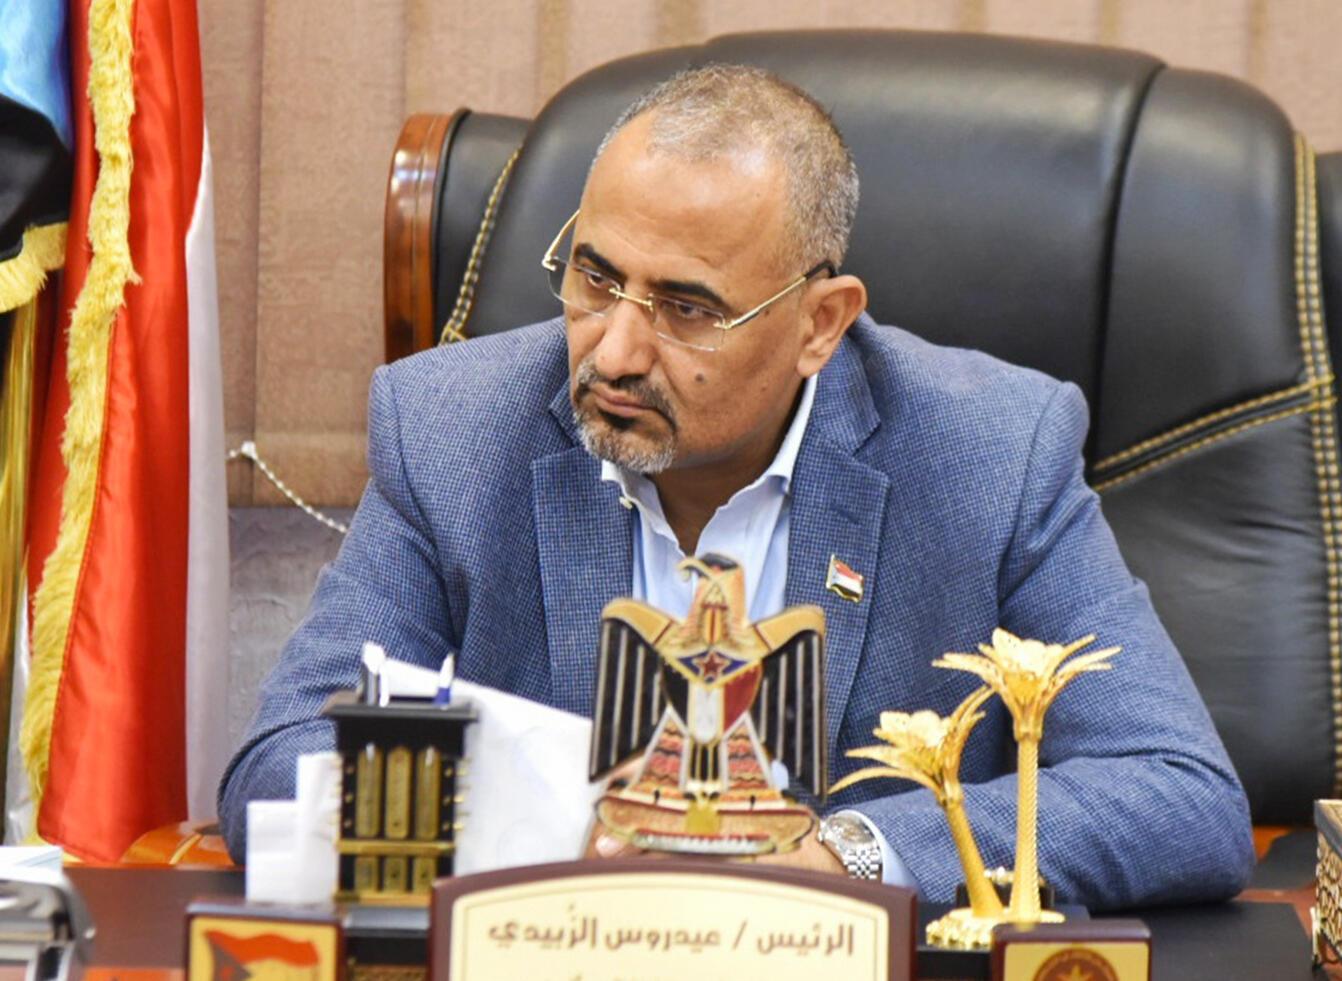 Aidarous al-Zoubeidi, mkuu wa Baraza la Mpito la Kusini mwa Yemen, Januari 16, 2020 huko Aden.